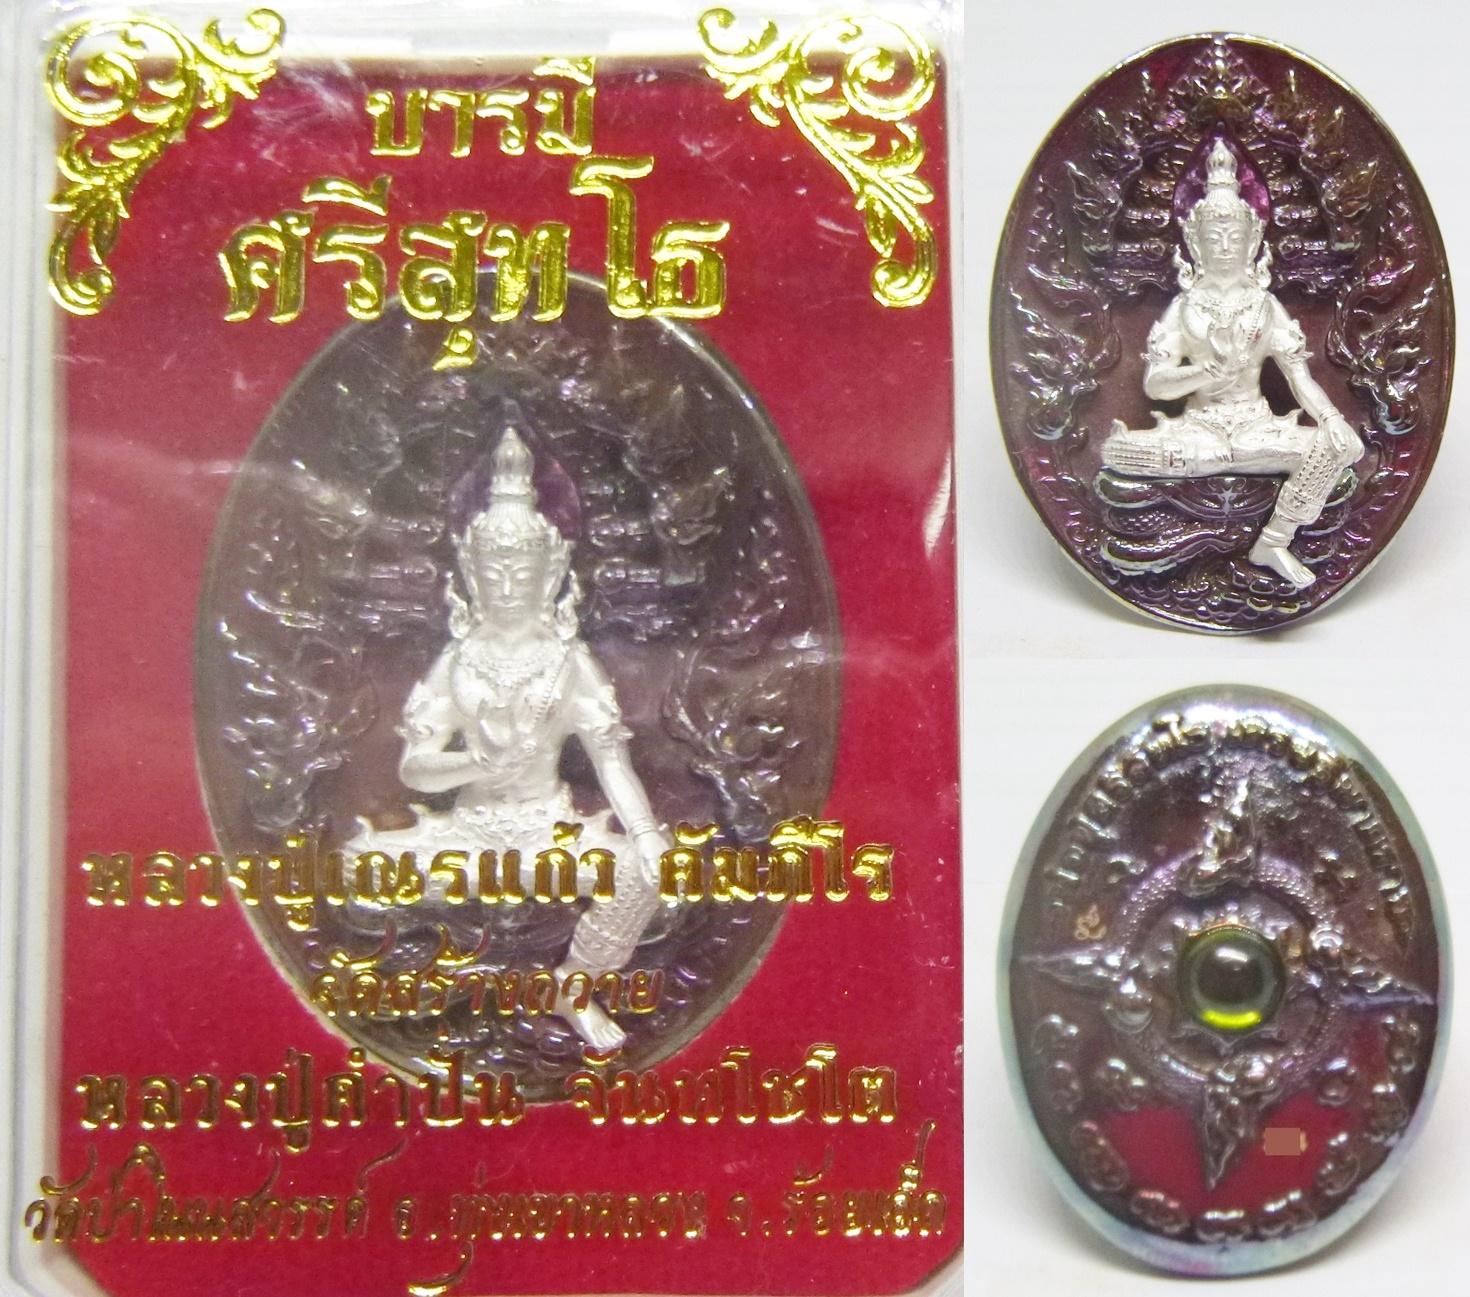 เหรียญหล่อ พ่อปู่ศรีสุทโธ เศรษฐีนาคราช เนื้อทองเทวาผิวรุ้ง หลวงปู่คำปั่น วัดป่าโนนสวรรค์ 2560